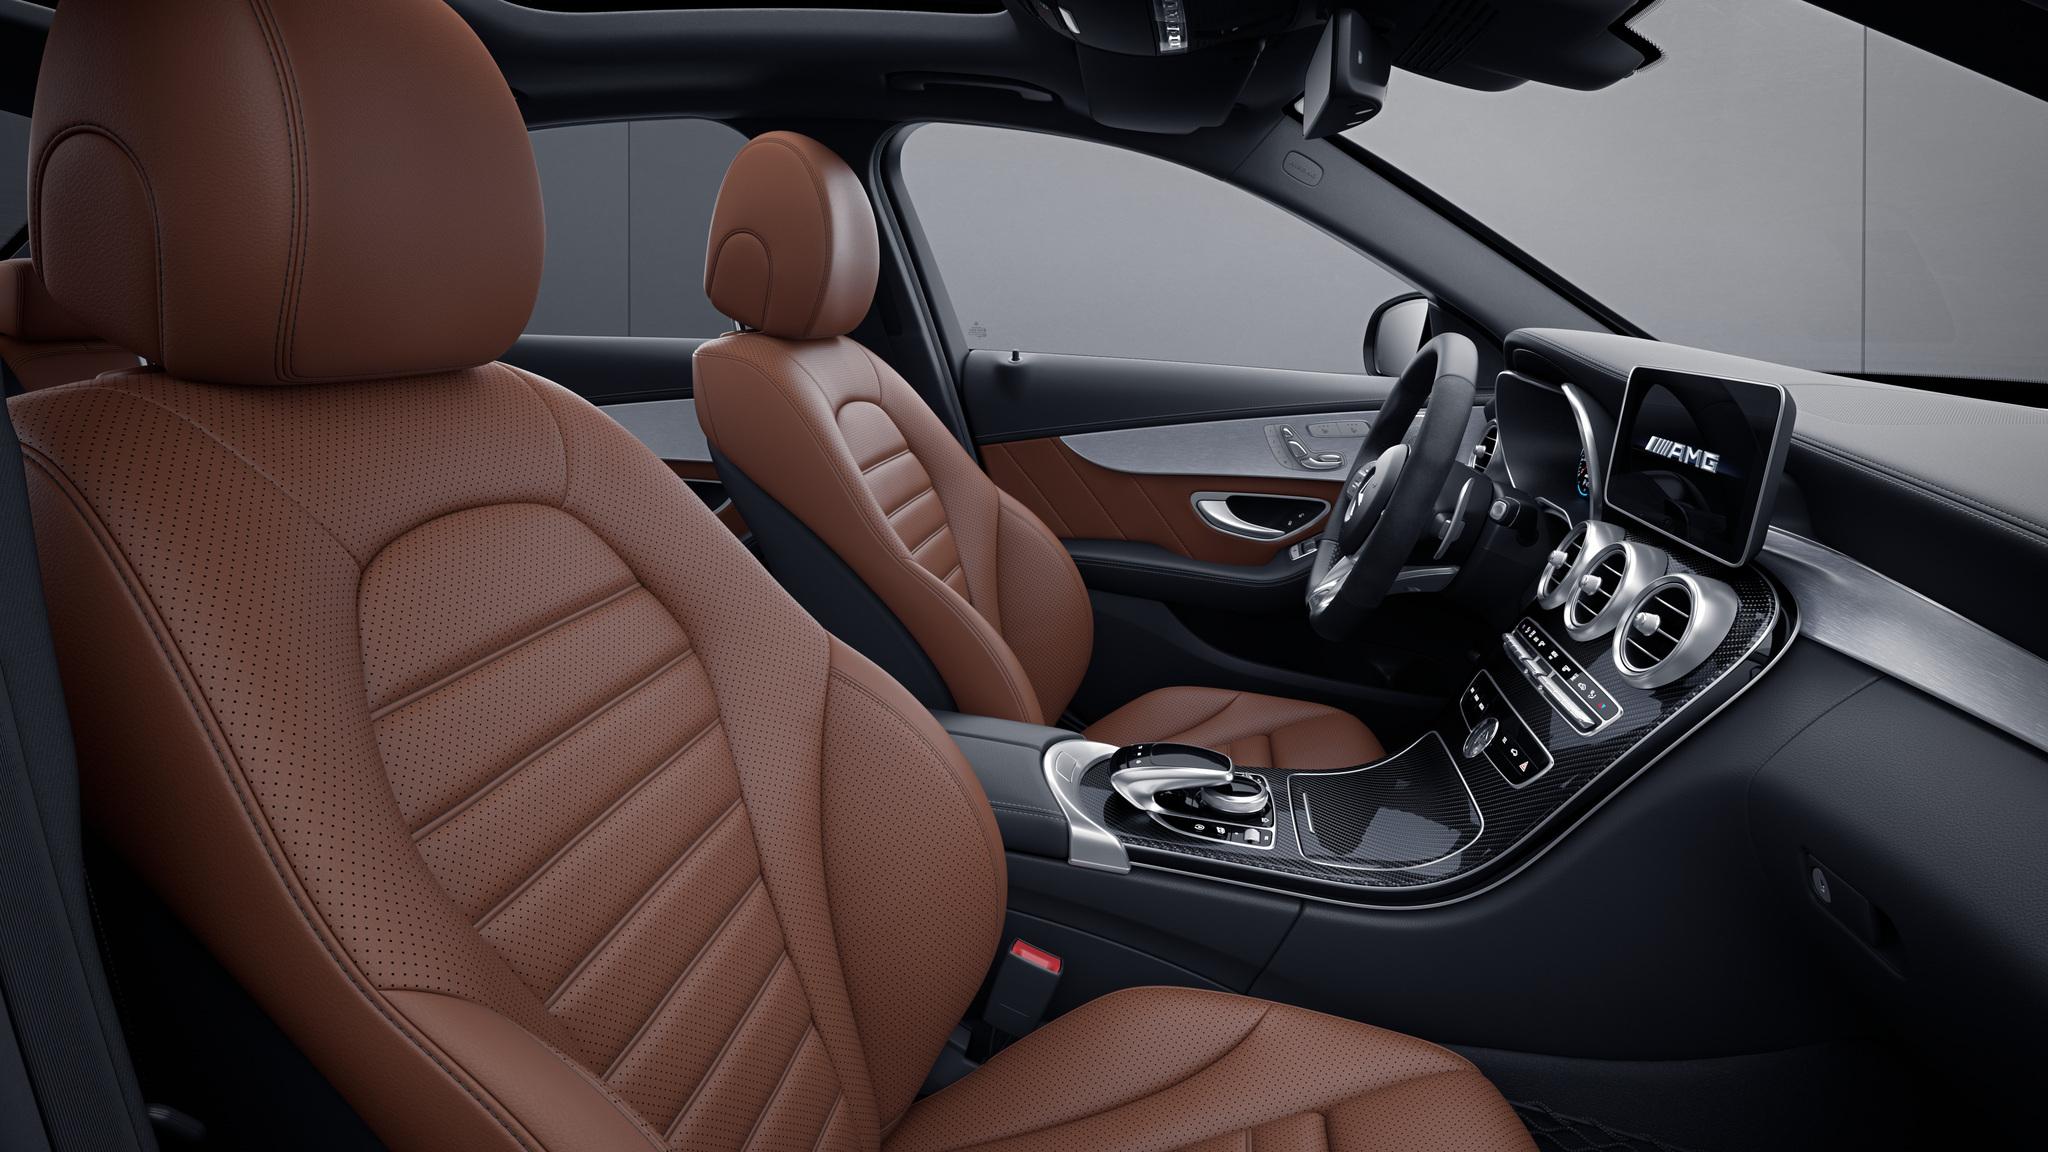 Habitacle de la Mercedes Classe C Berline avec une Sellerie Cuir - marron cuir  noir